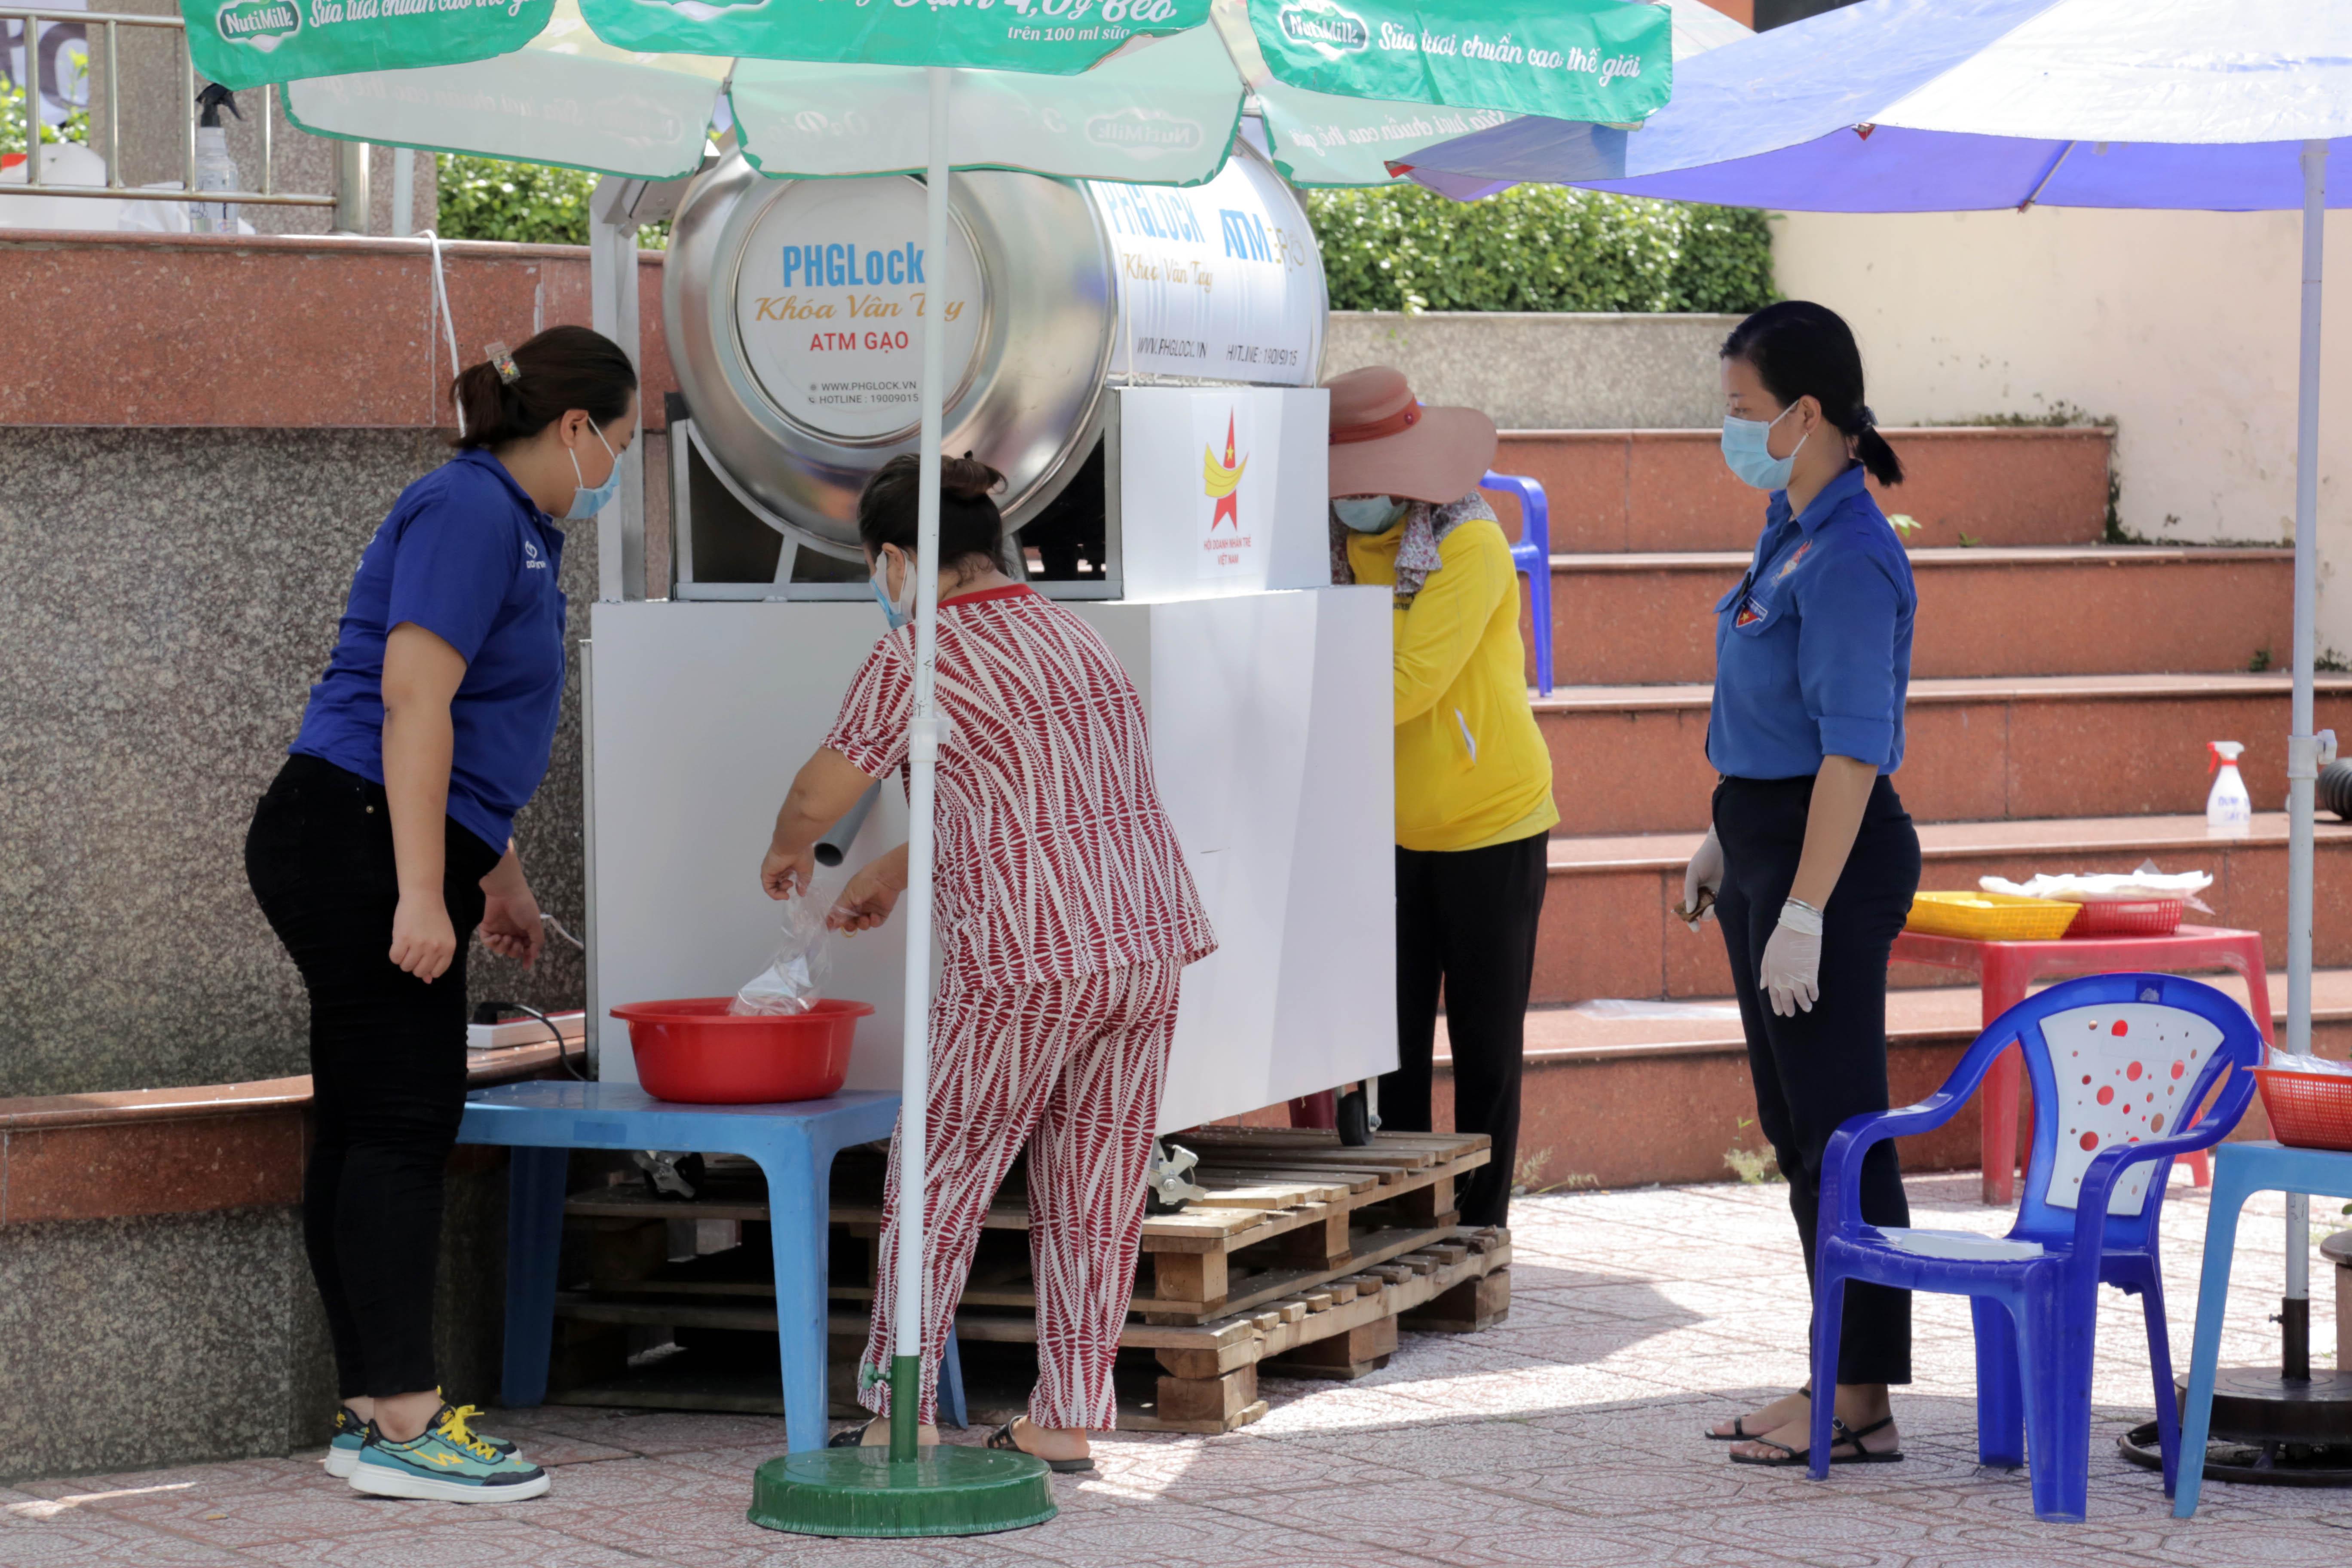 """""""ATM gạo"""" thứ 2 ở Sài Gòn hoạt động trong mùa dịch, bà con khó khăn chỉ cần đến """"máy sẽ tự động nhả gạo"""" - 1"""